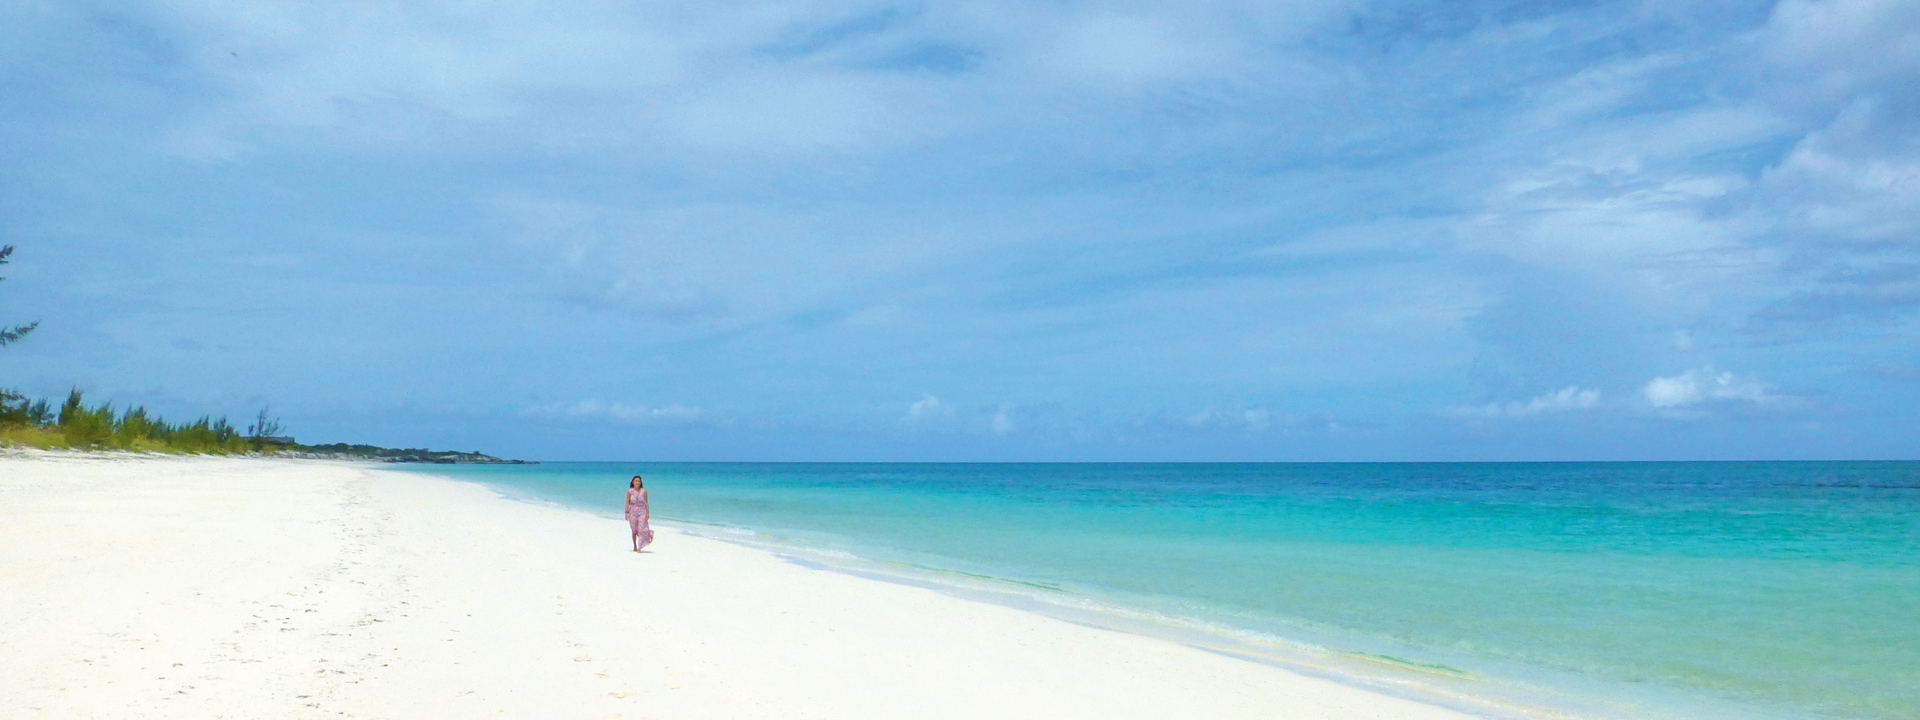 COMO Parrot Cay – eine Trauminsel zum Verlieben